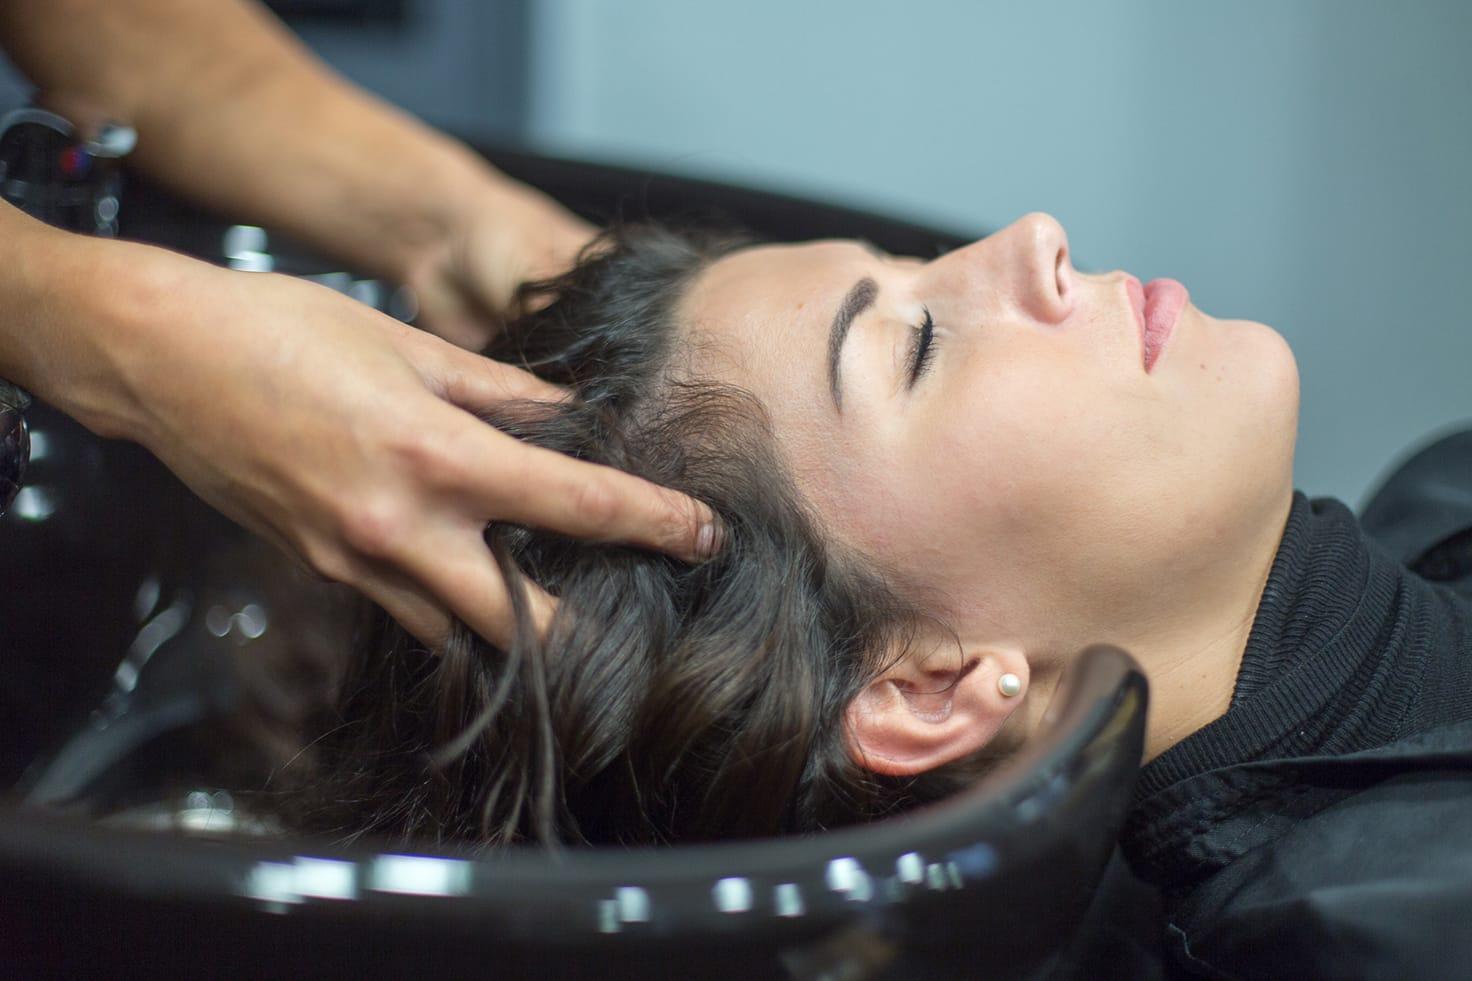 Welche dem Vitamin, ins Shampoo gegen den Haarausfall beizumengen